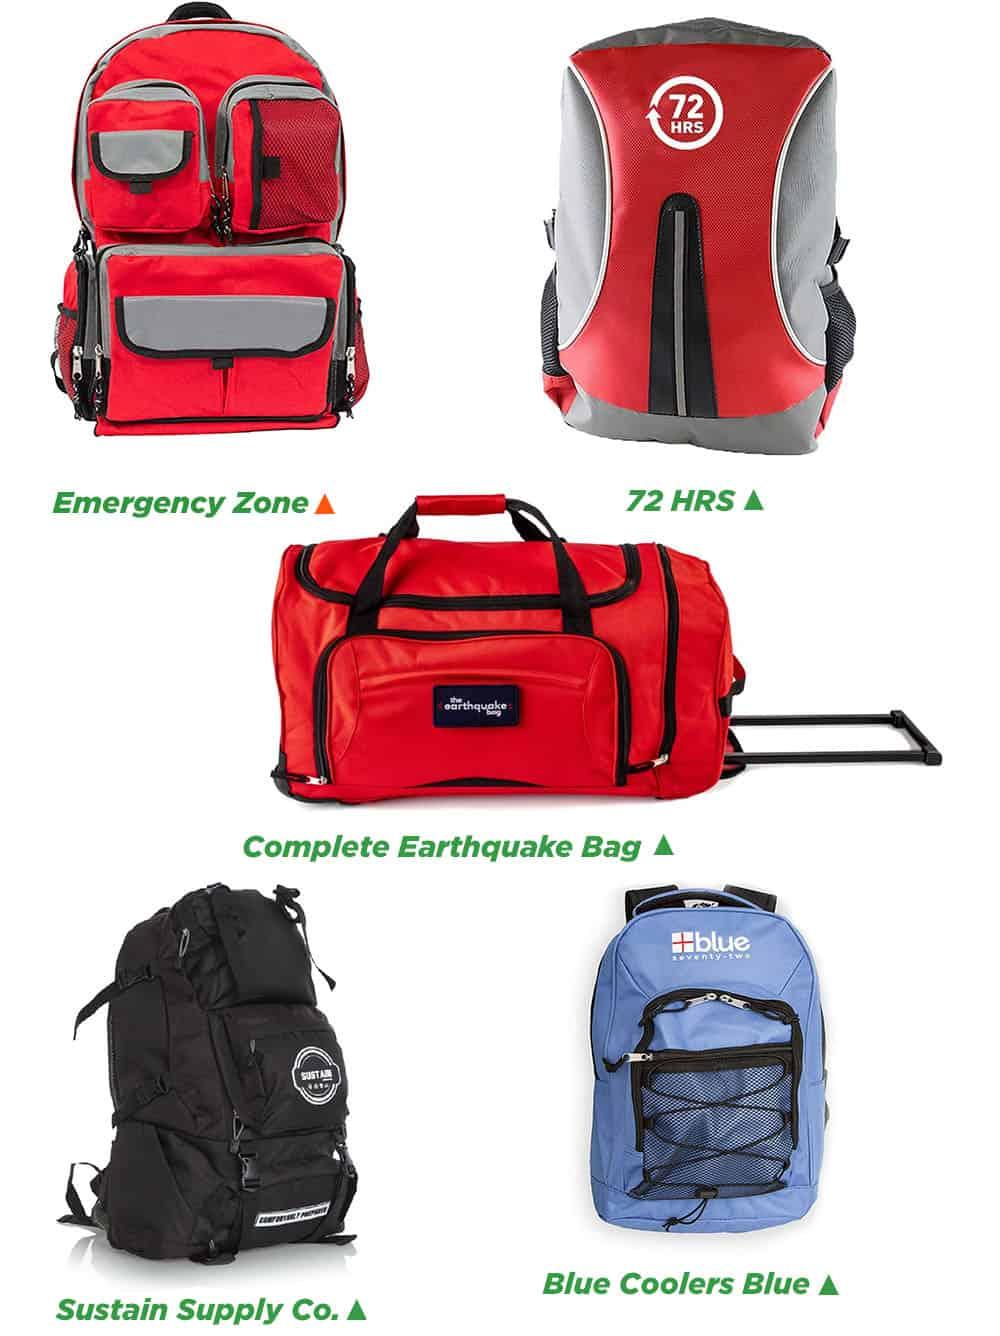 Survival Bagpack Comparison